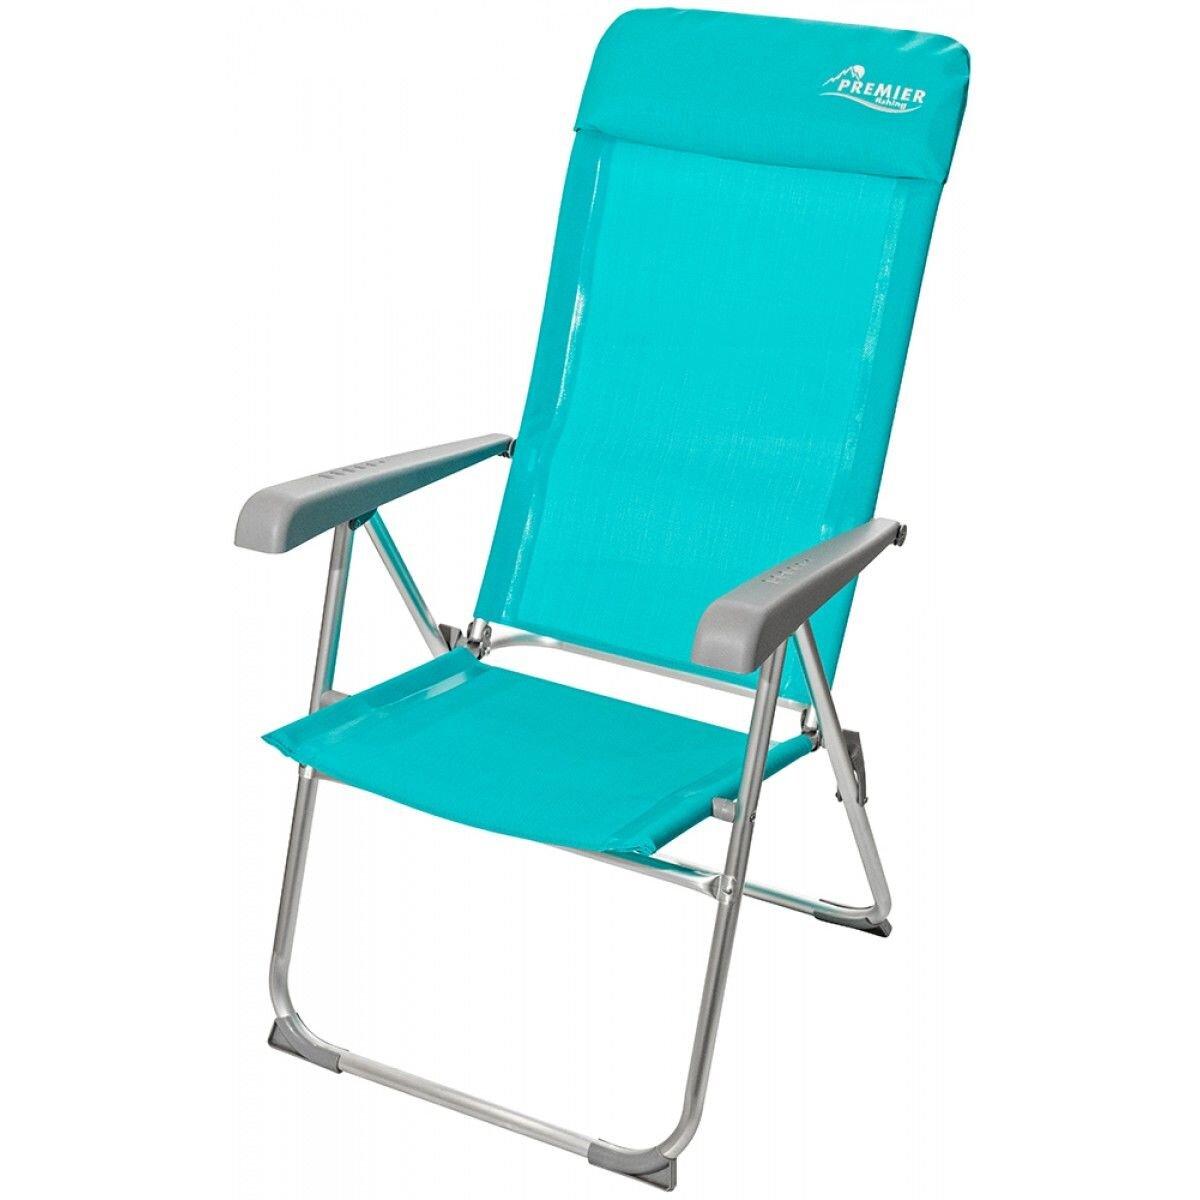 Кресло Premier Fishing PR-180B голубое купить, цены в Москве на goods.ru